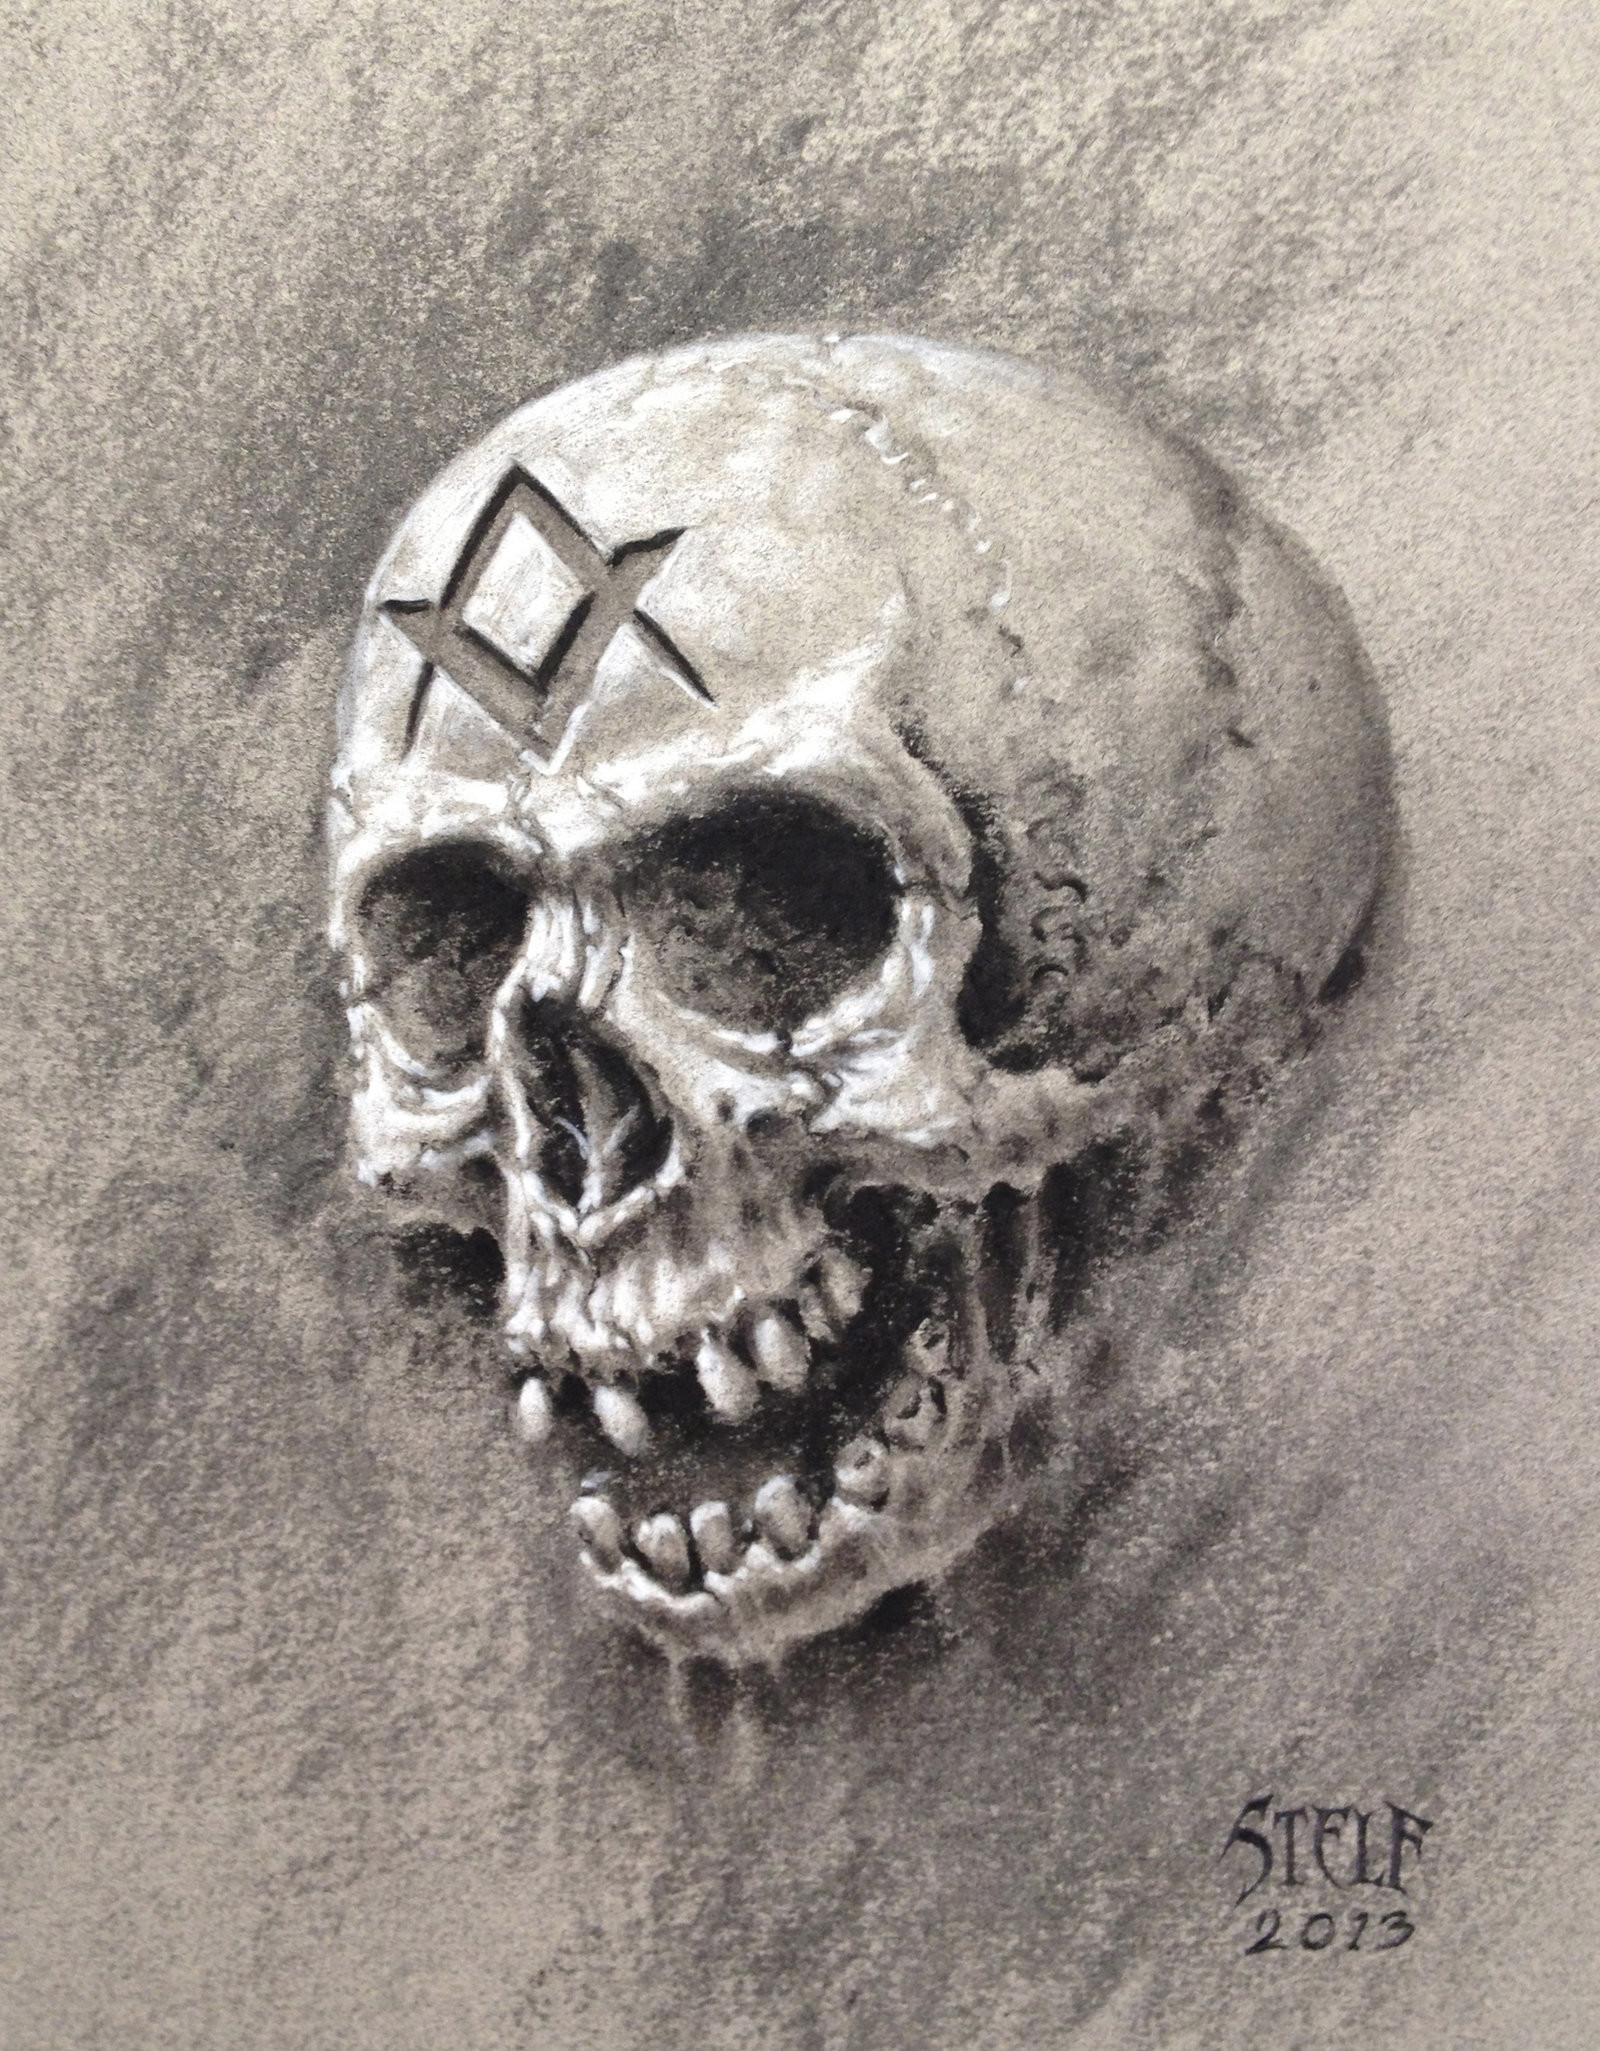 Masonic Skull study by Stelf-2014